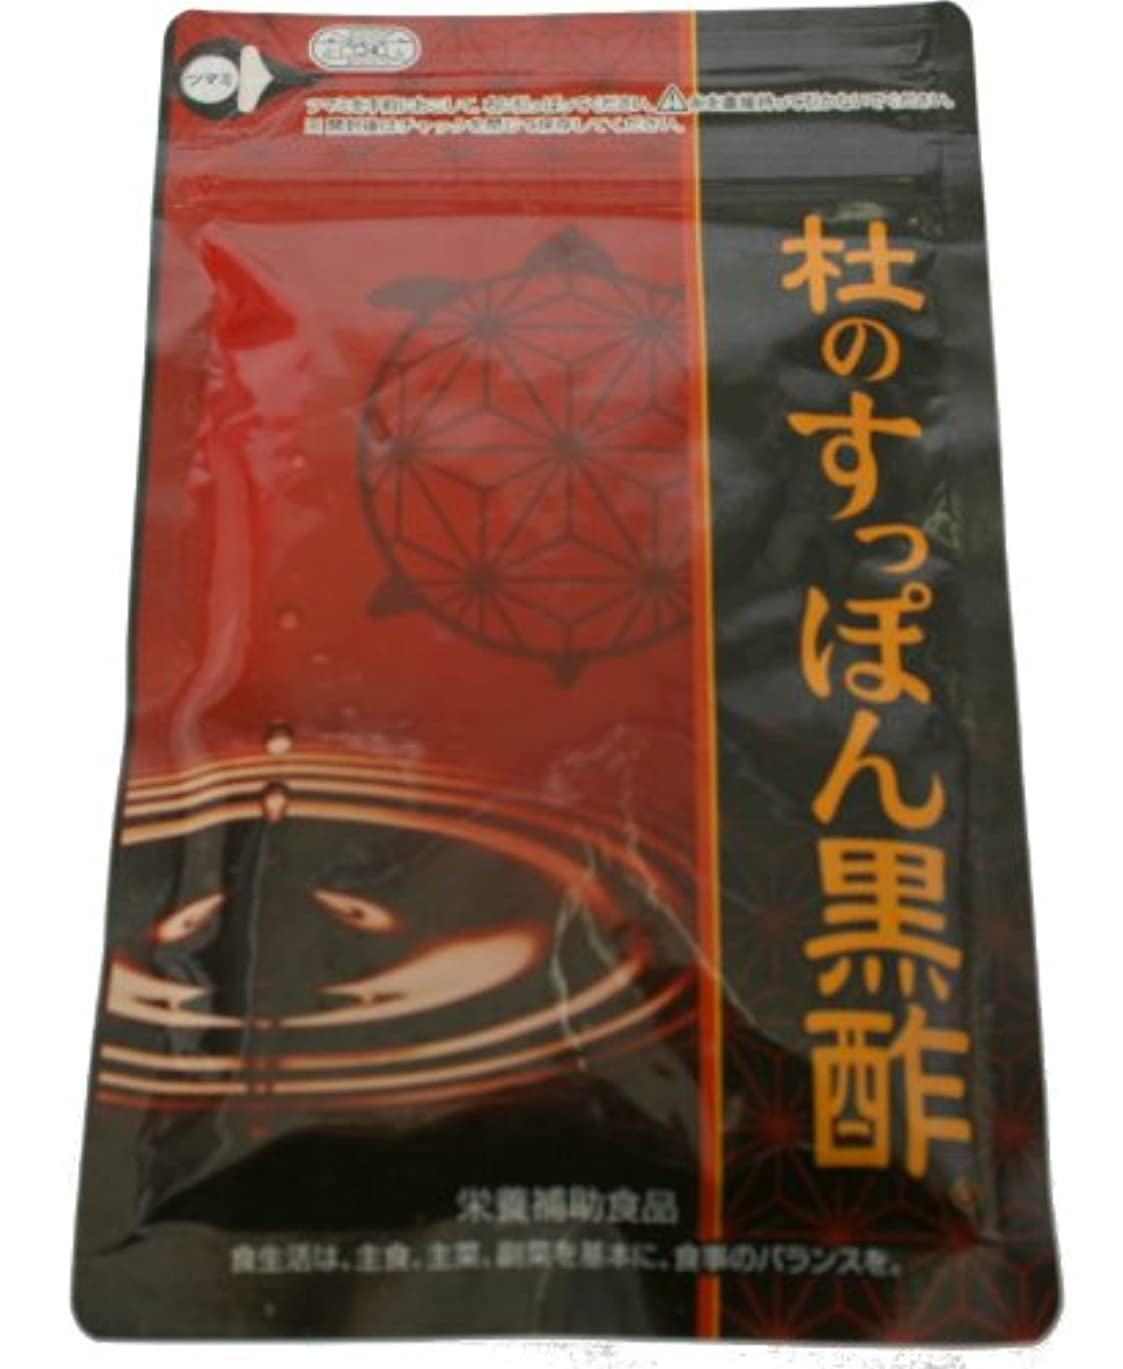 バッジシール保存する杜のすっぽん黒酢